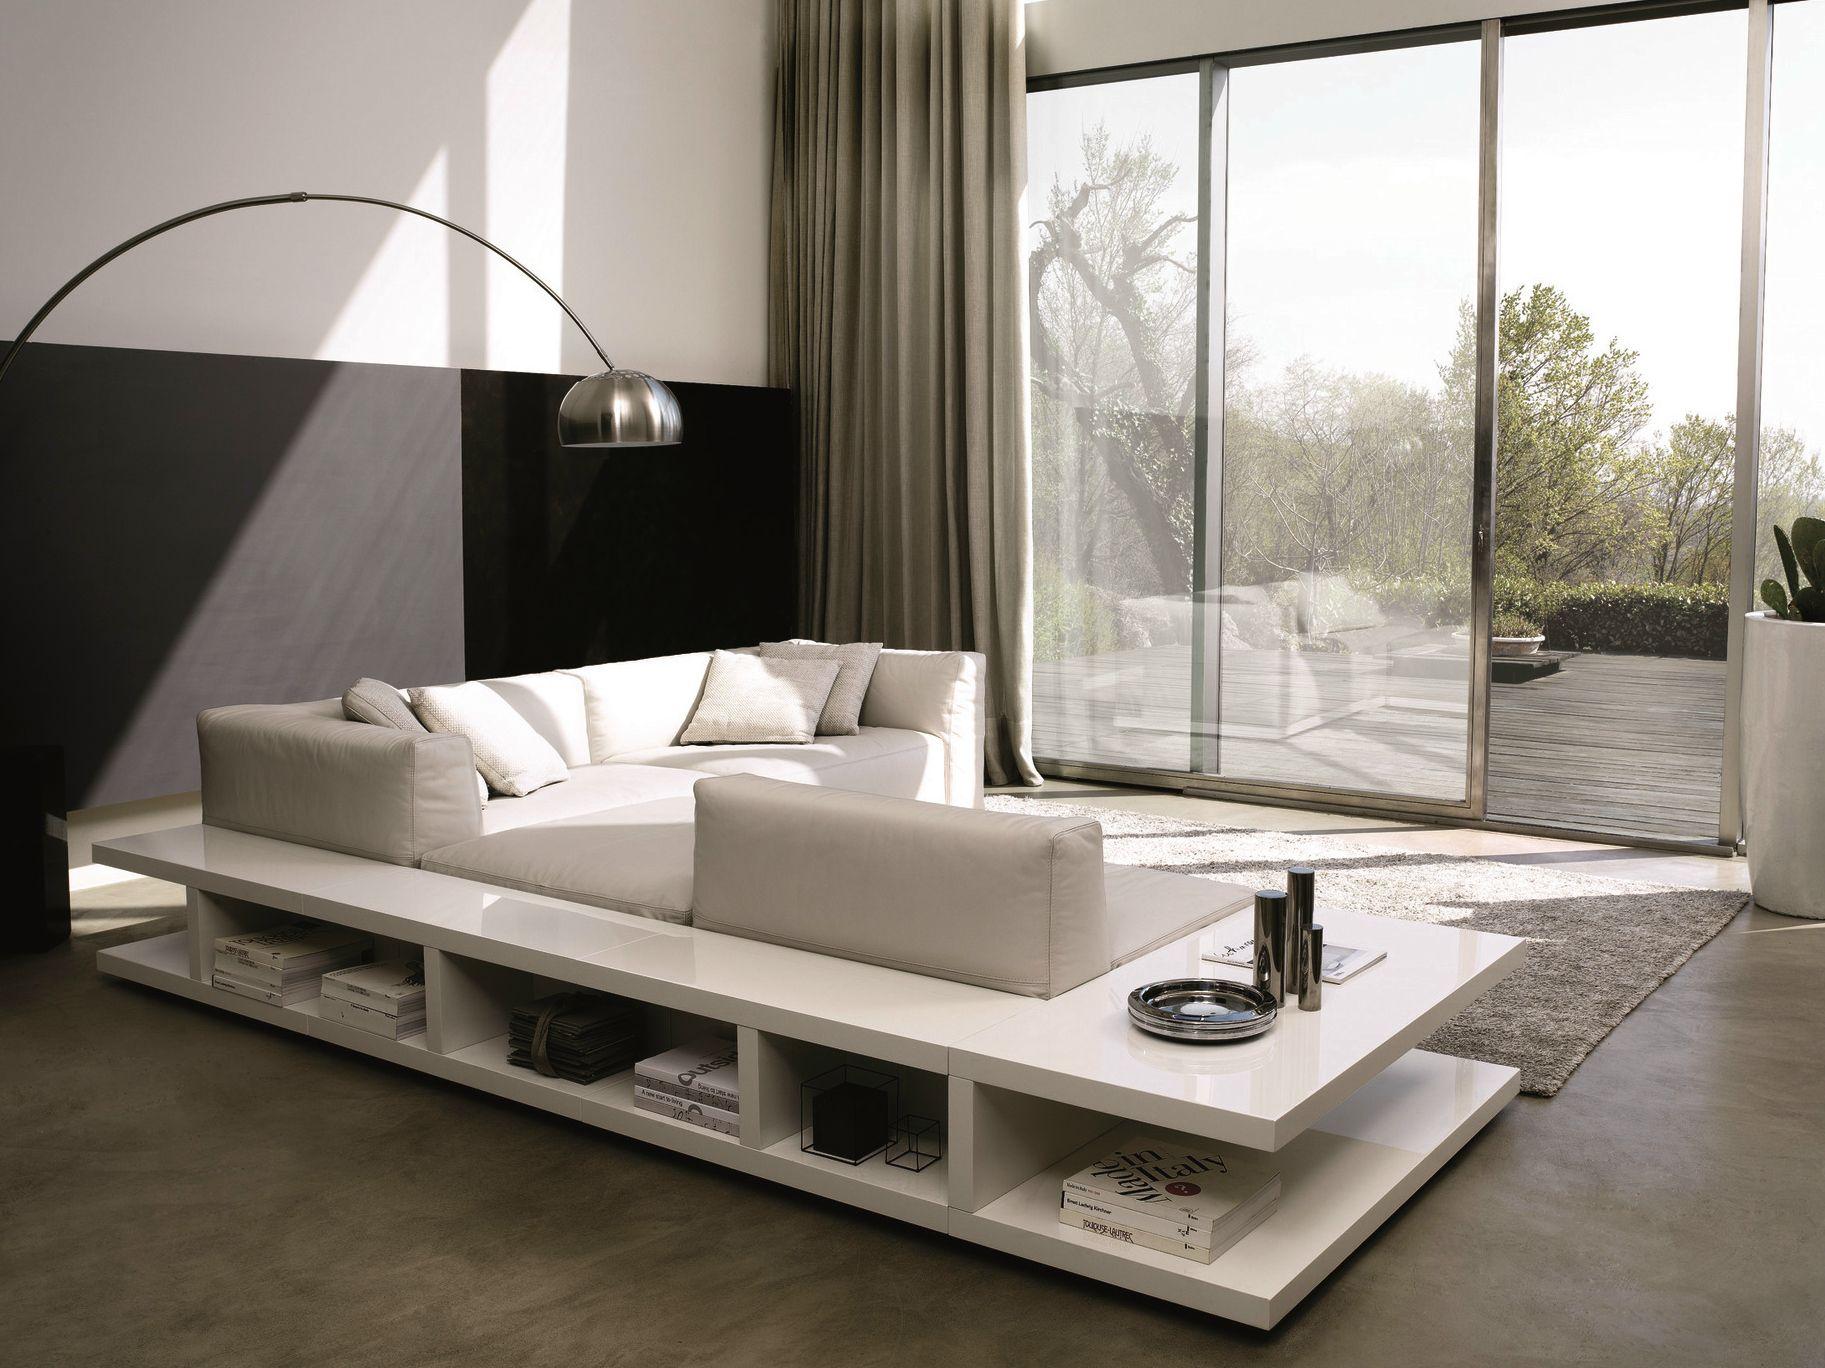 Sitin divano angolare by misuraemme design mauro lipparini - Divano angolare ...